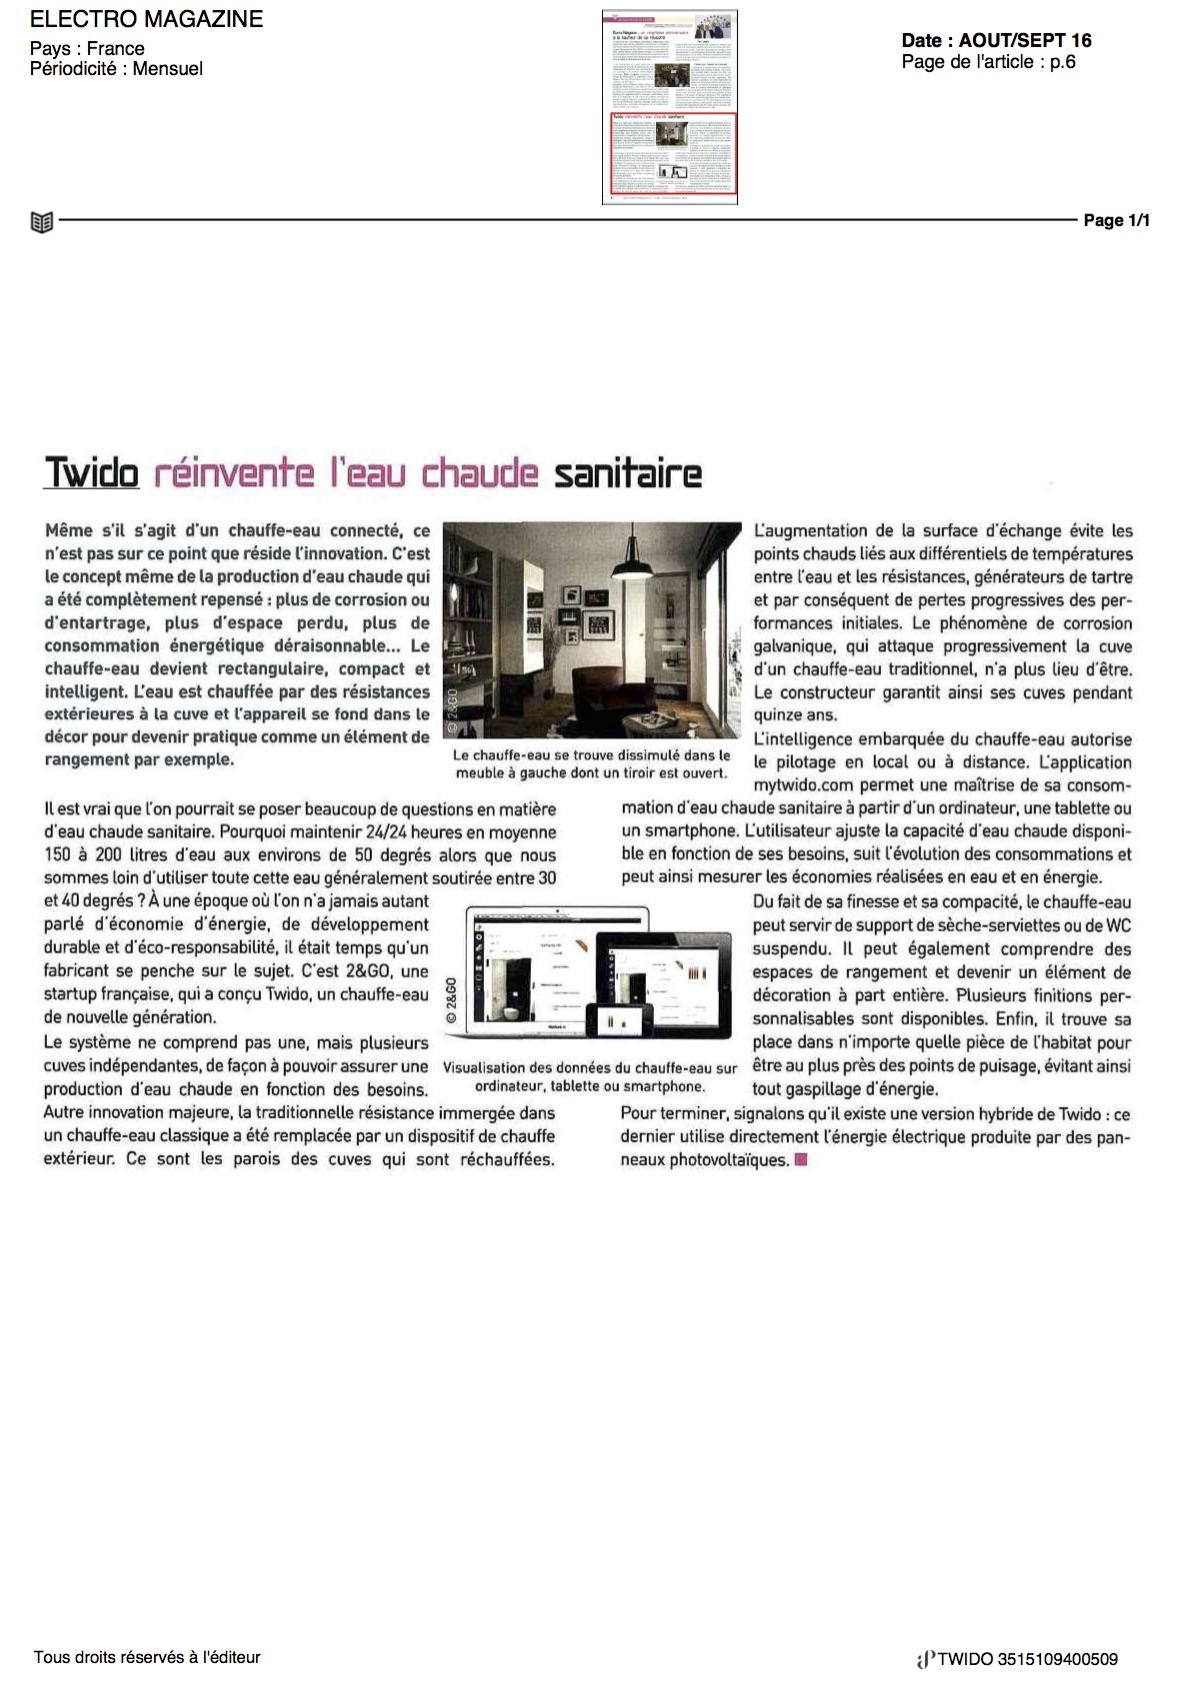 article electro magazine